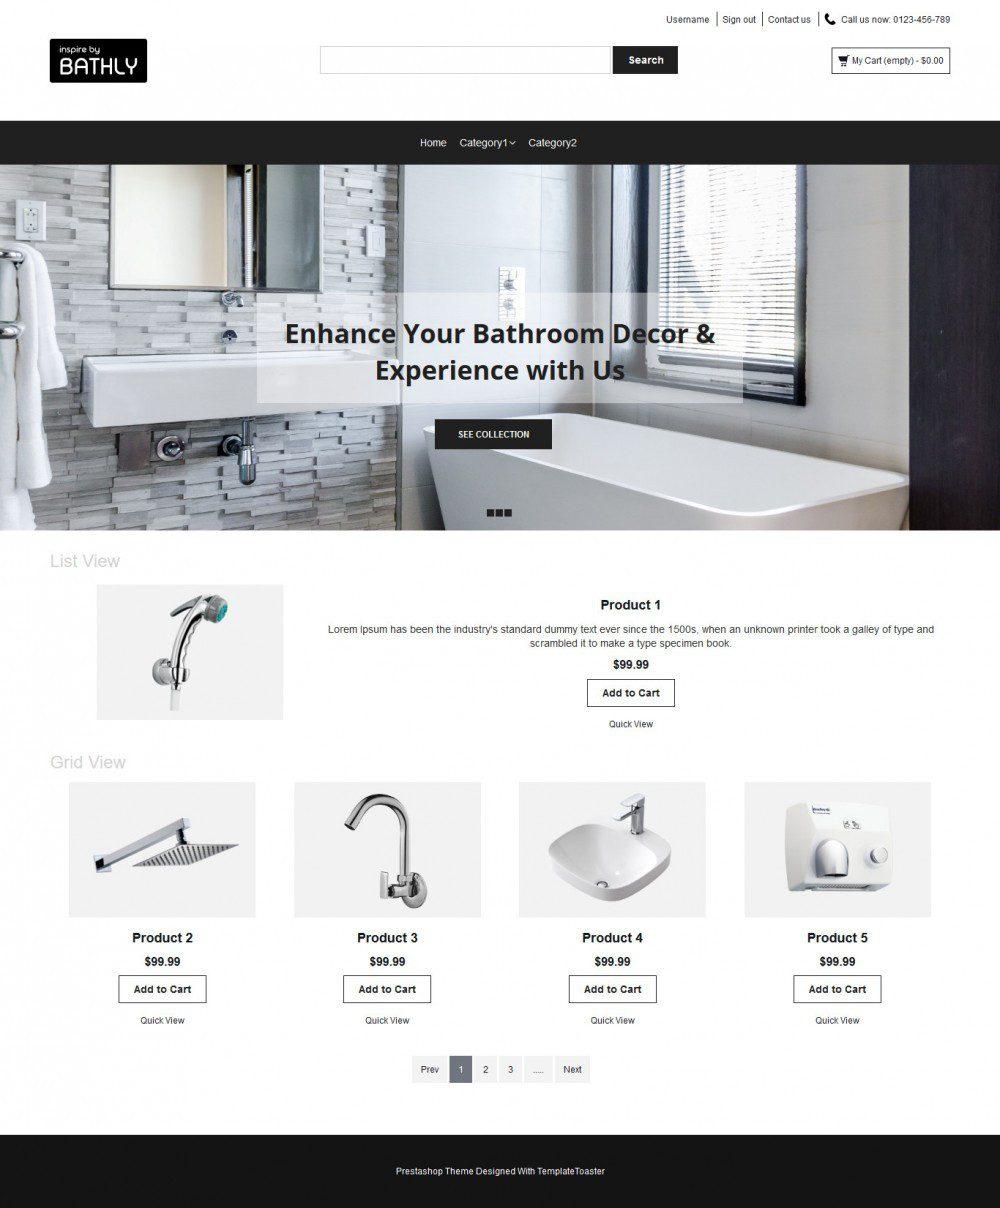 Bathly Bathroom Accessories PrestaShop Theme